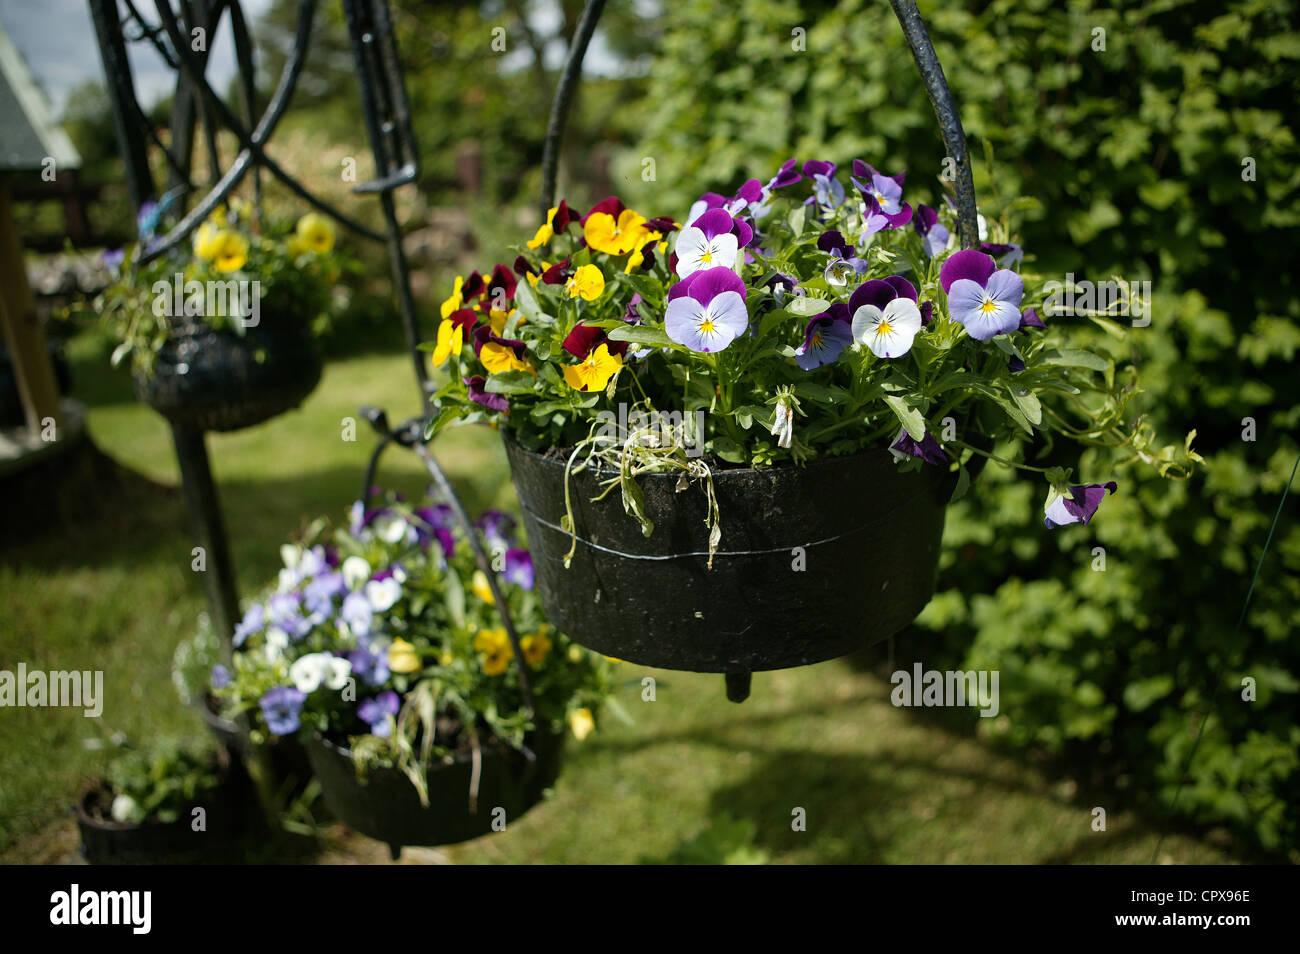 - Flores colgantes en una olla de hierro fundido en un jardín. Amarillo, blanco, violeta. Tres macetas colgantes Foto de stock